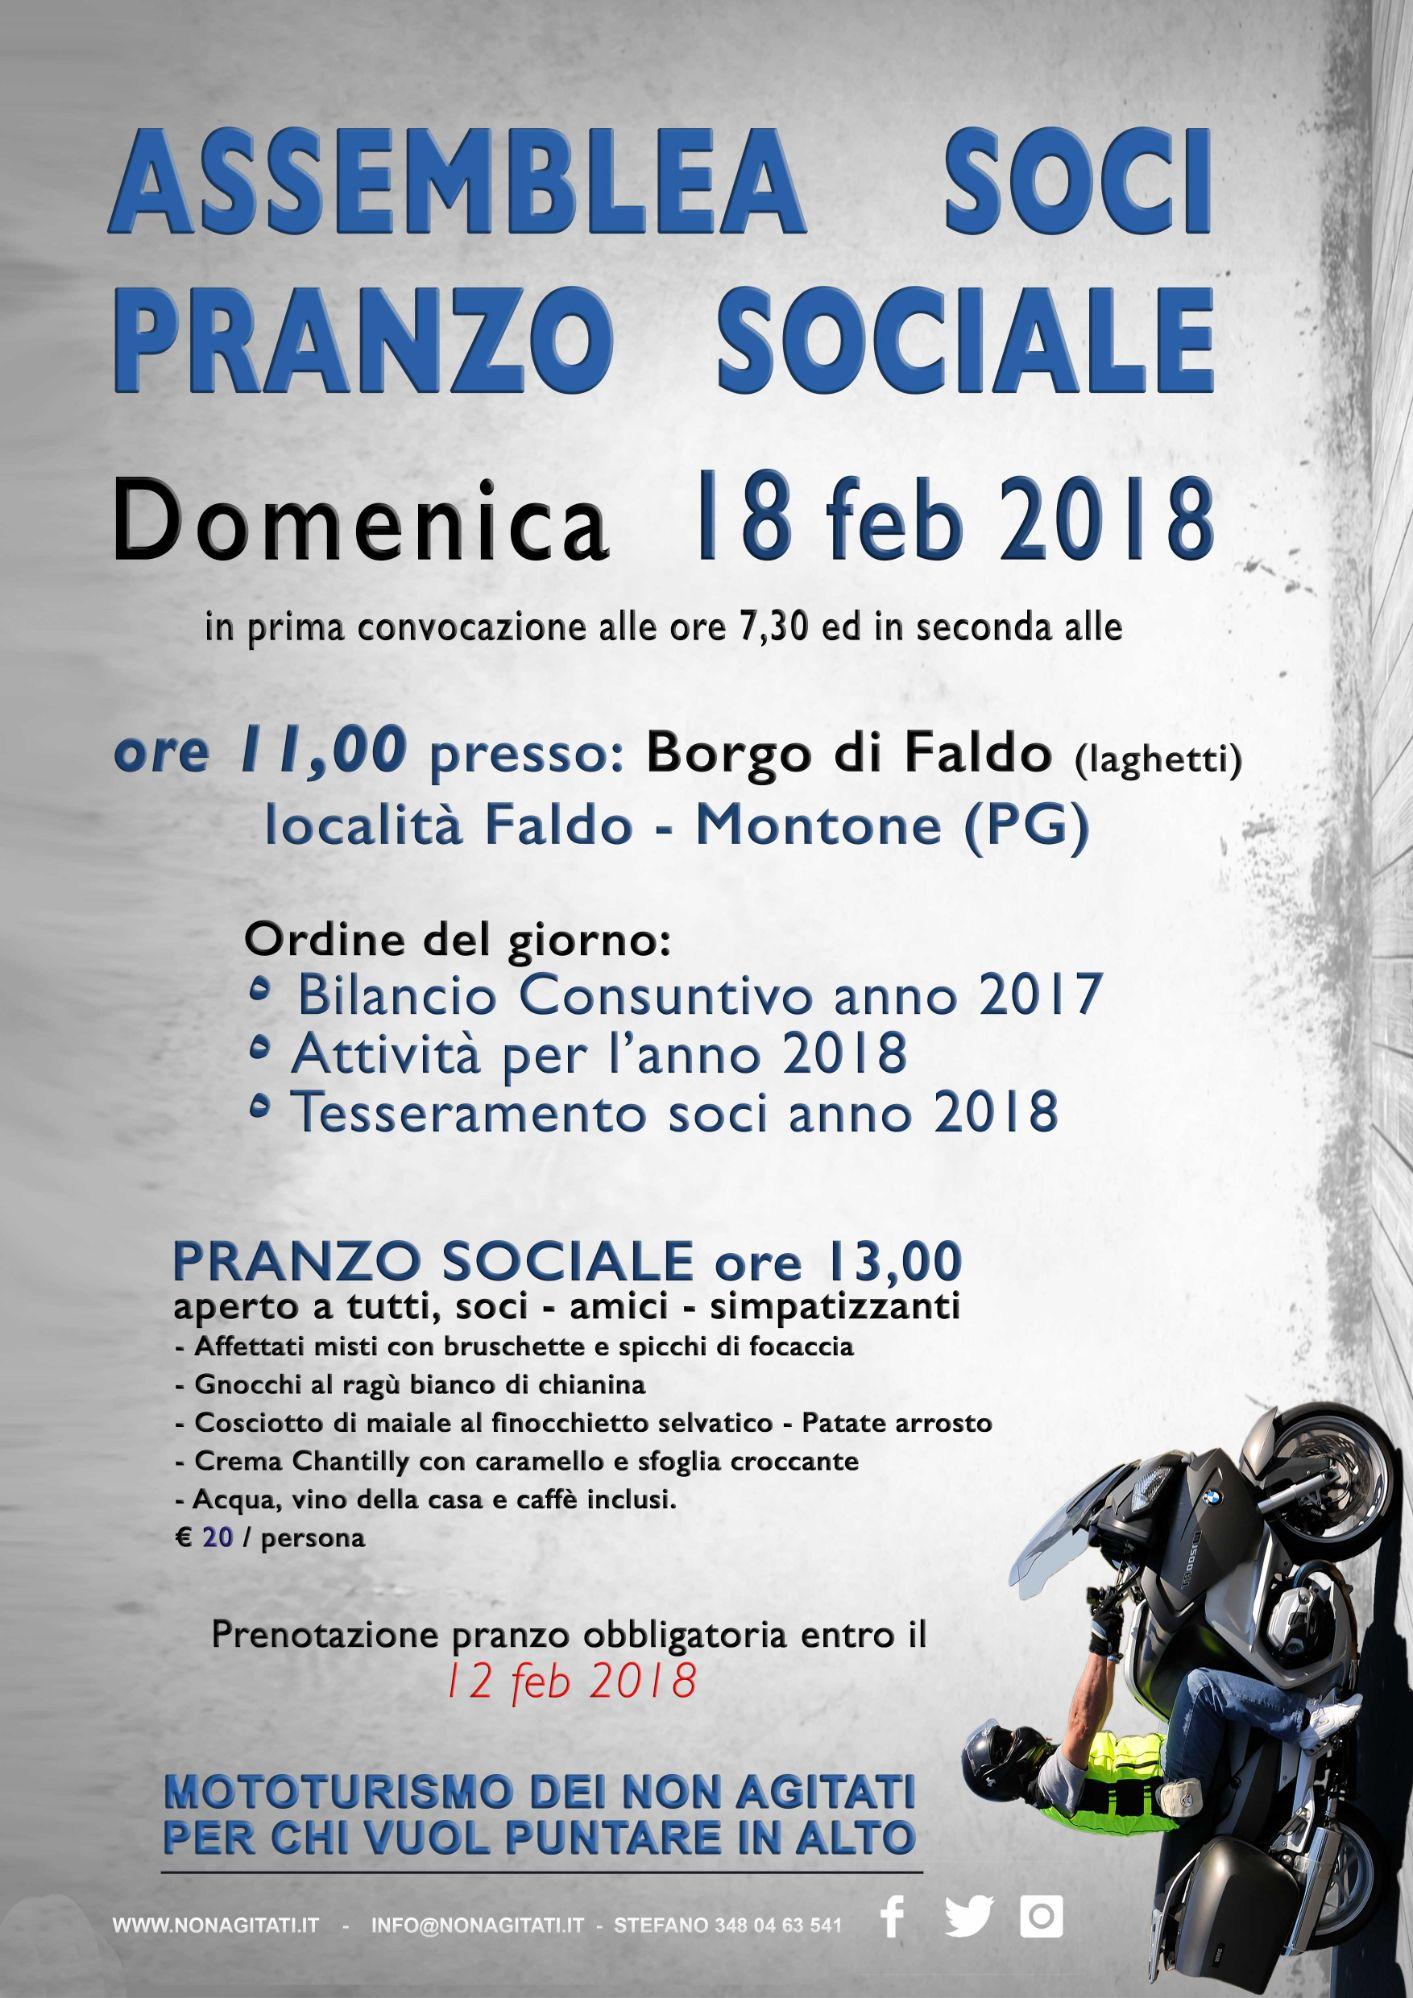 ASSEMBLEA SOCI - PRANZO SOCIALE